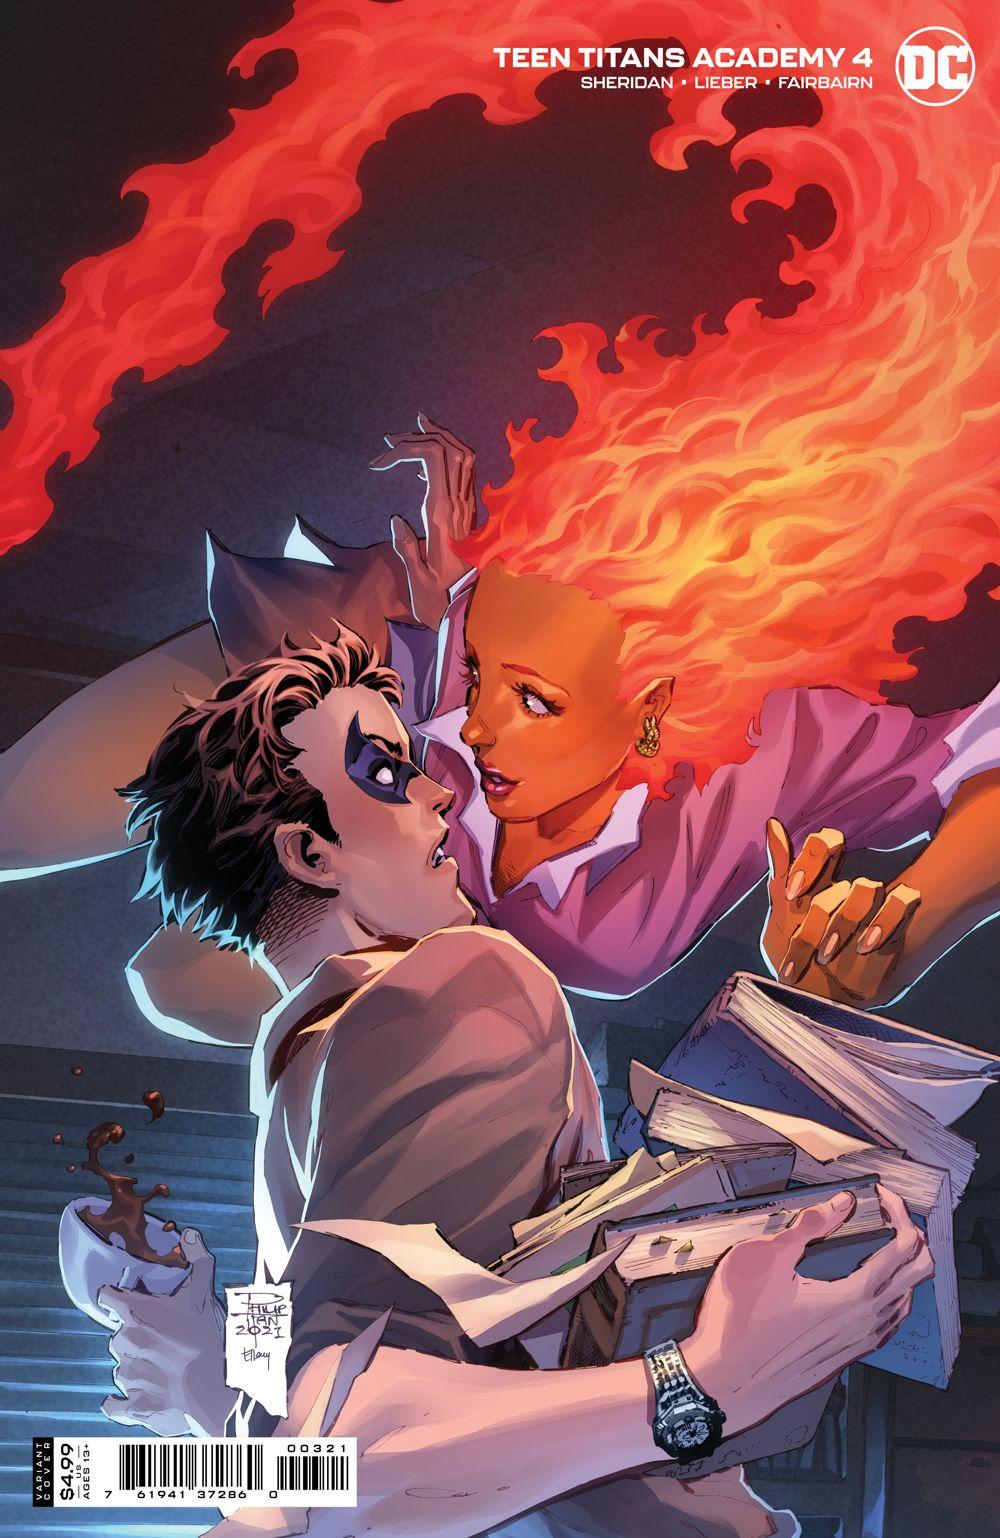 TT_ACADEMY_Cv4_var DC Comics June 2021 Solicitations